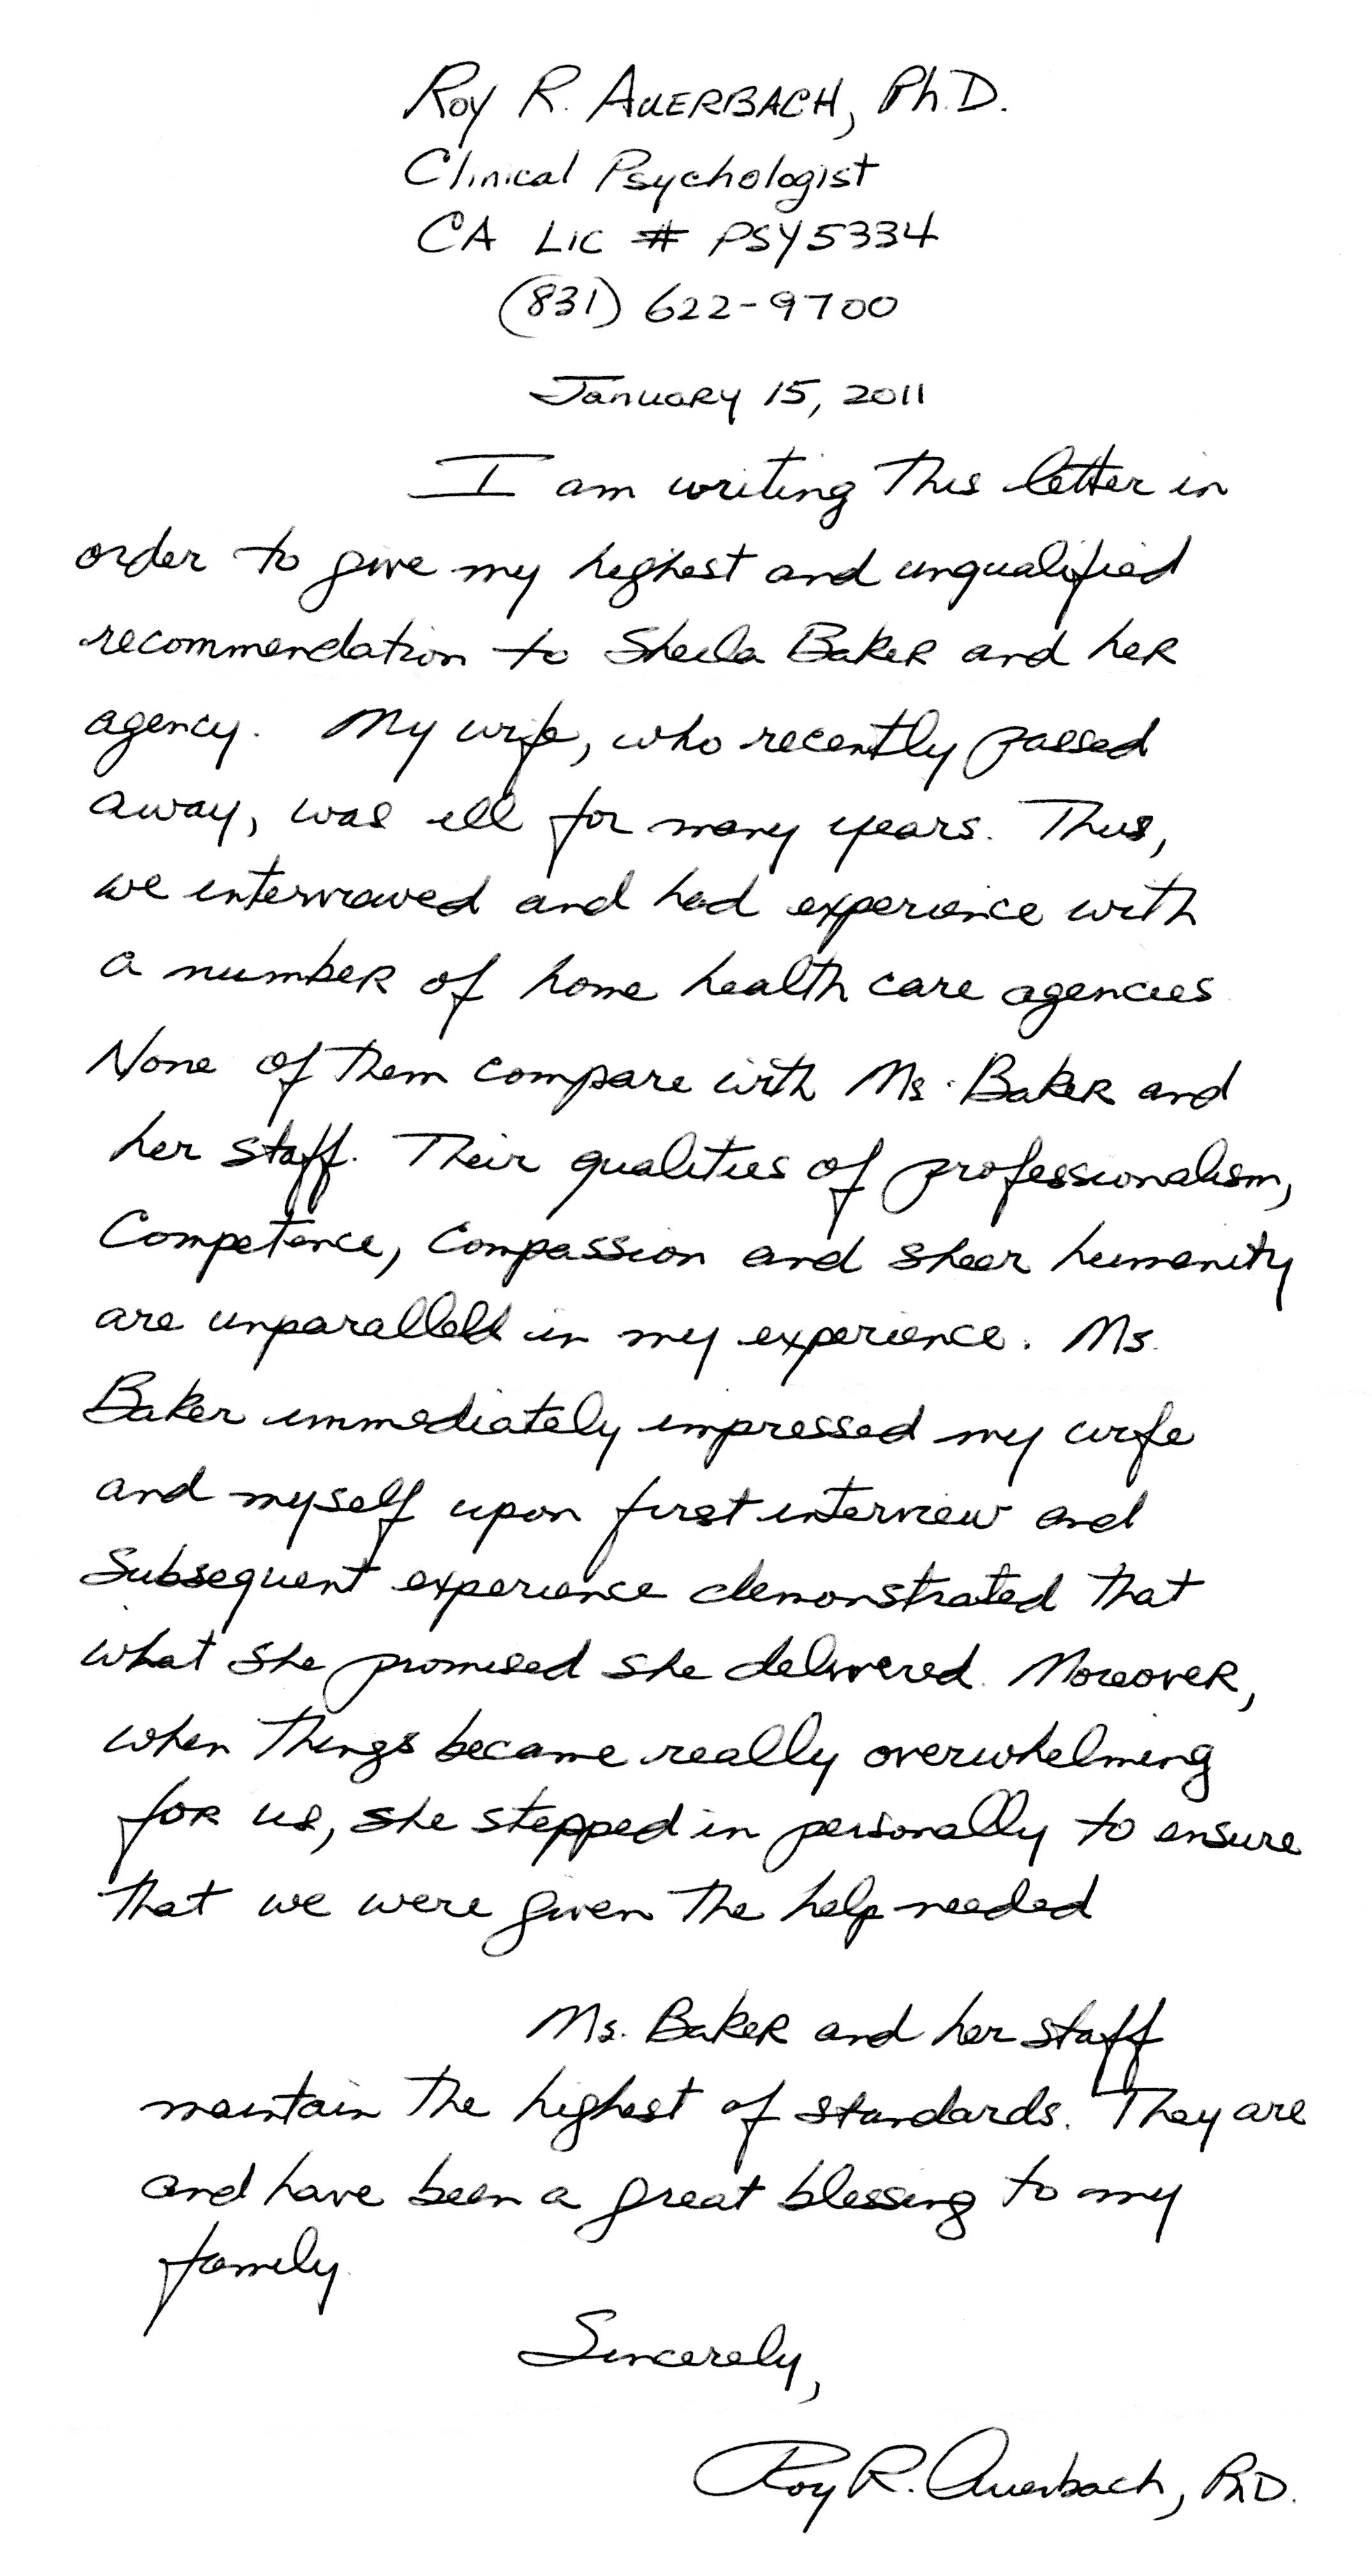 Roy Auerbach Letter 2011 g